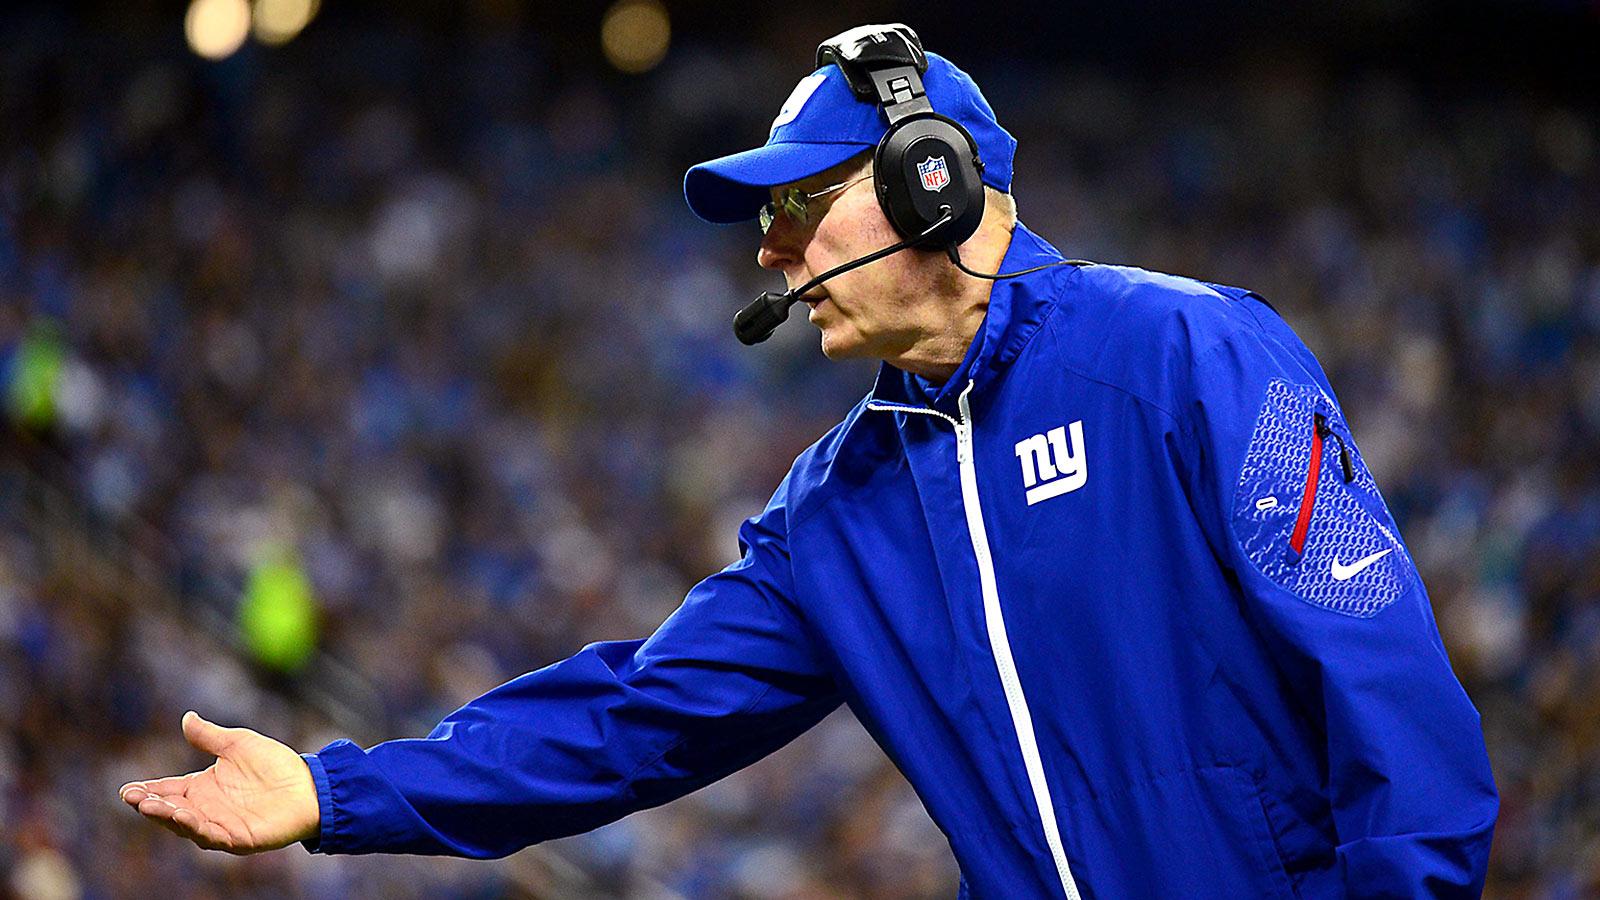 041514-NFL-giants-tom-coughlin-on-sidelines-ahn-PI